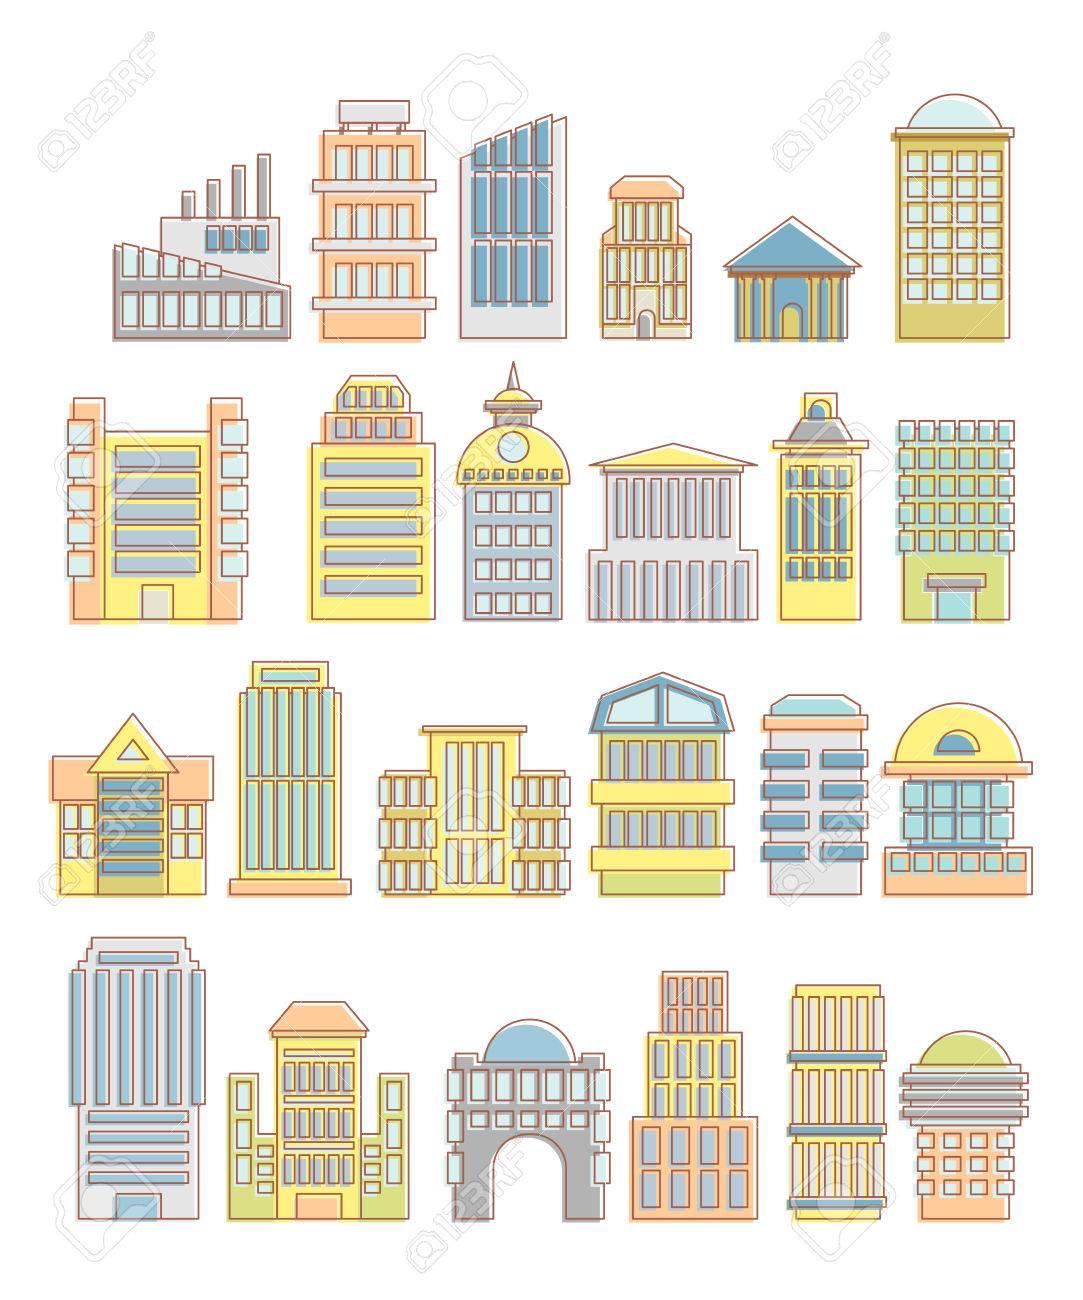 Sammlung Von Gebäuden, Häusern Und Architektonischen Objekten ...